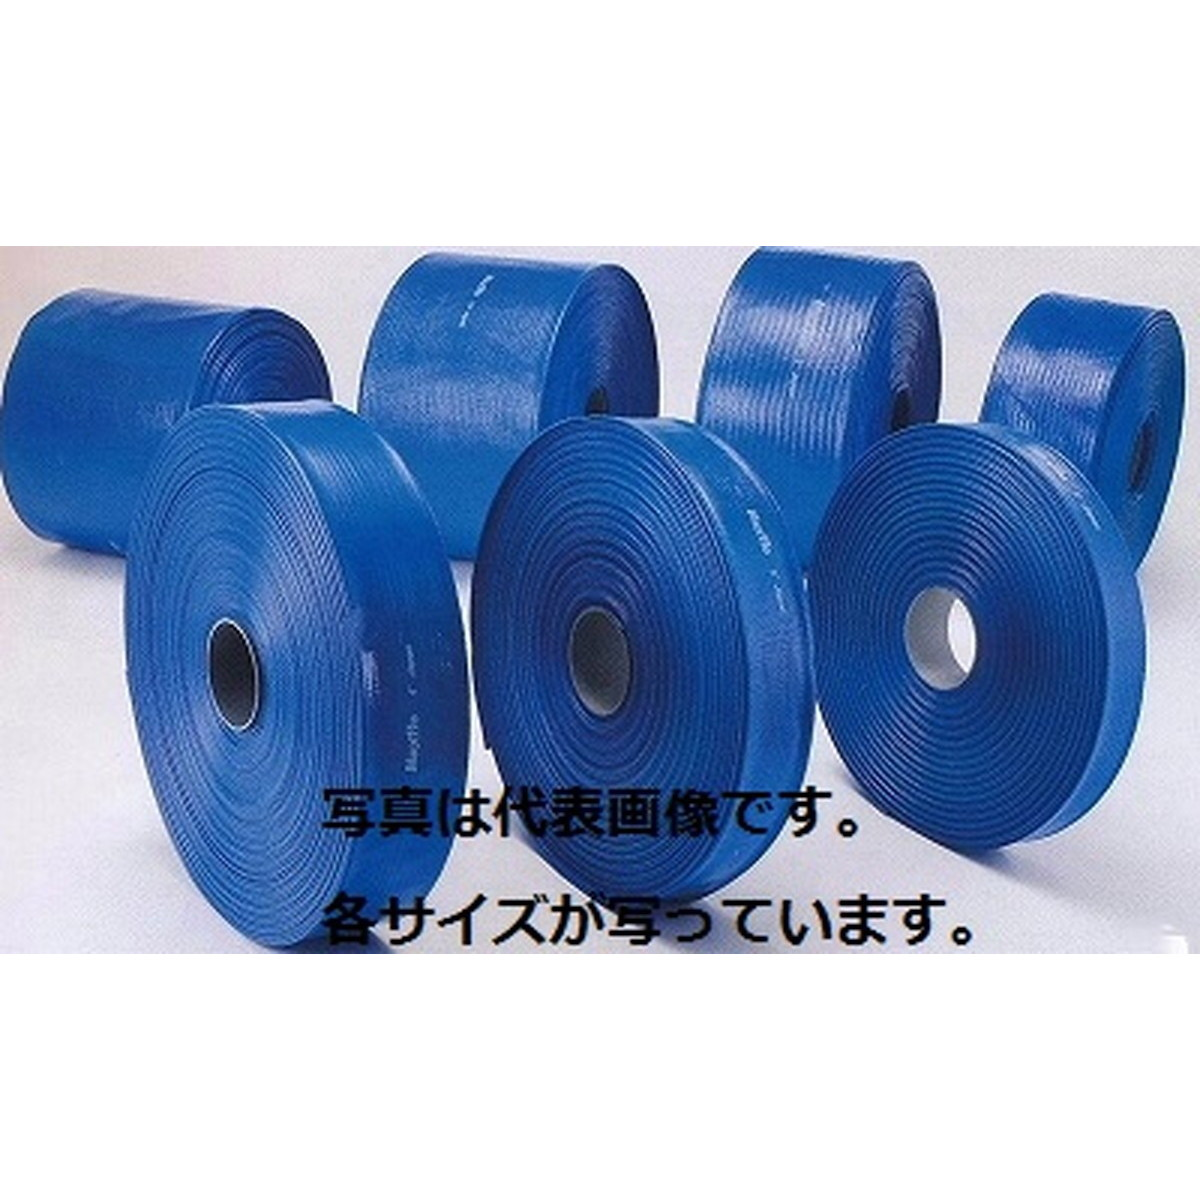 カクイチ 送水ホース インダスマックスフローSD 3インチ(75mm) 30m【クーポン配布中】